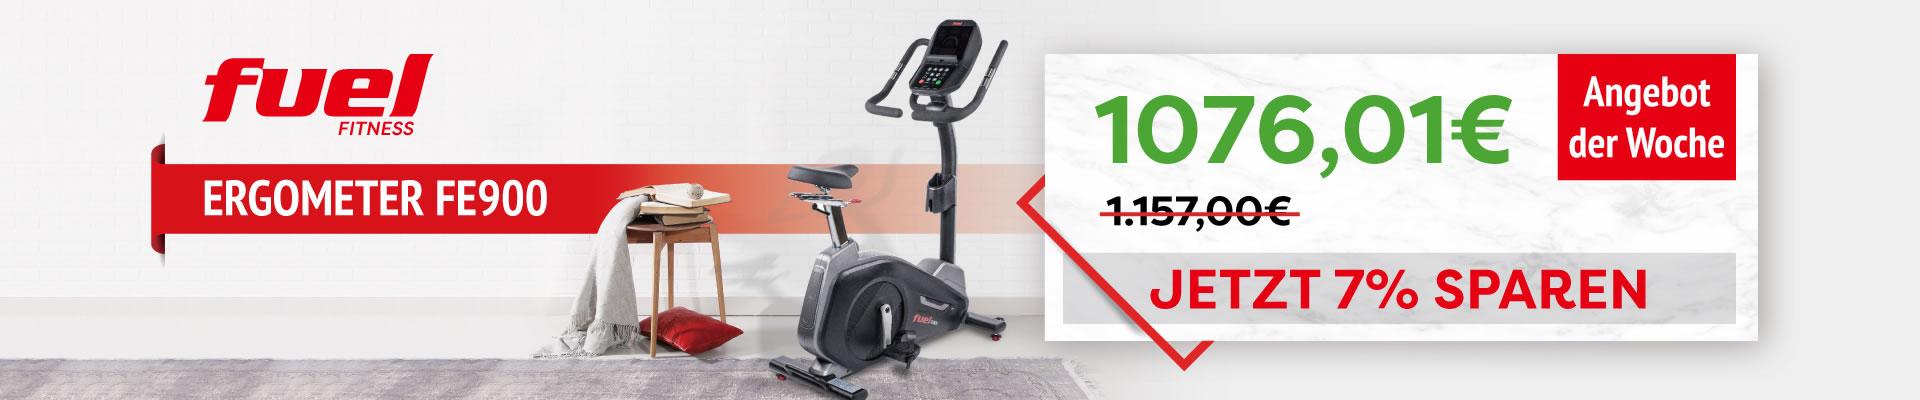 Fitness für Zuhause. Finden Sie mehr als 2.000 ausgewählte Fitnessprodukte und lassen Sie sich inspirieren. Bestellen Sie feinste Marken einfach und bequem nach Hause – oder testen Sie das richtige Produkt in einem unserer Geschäfte.